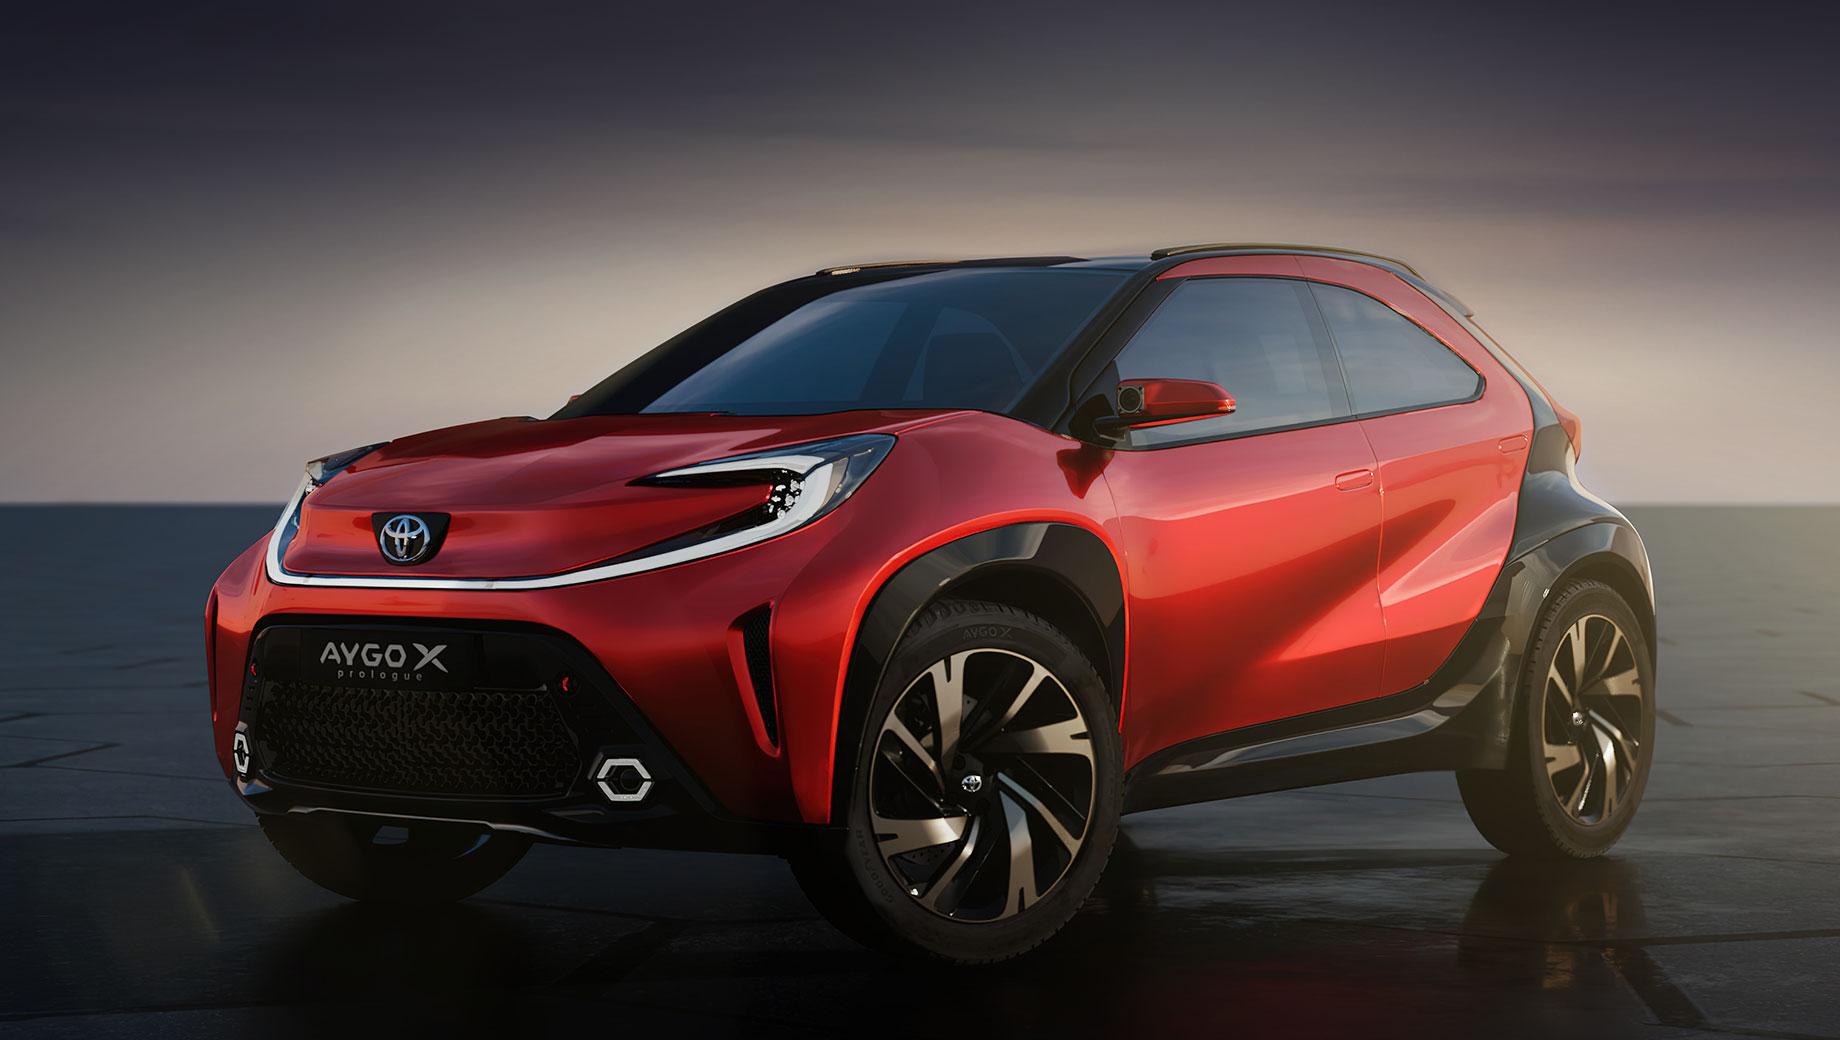 Концепт Toyota Aygo X prologue внёс оживление в сегмент А